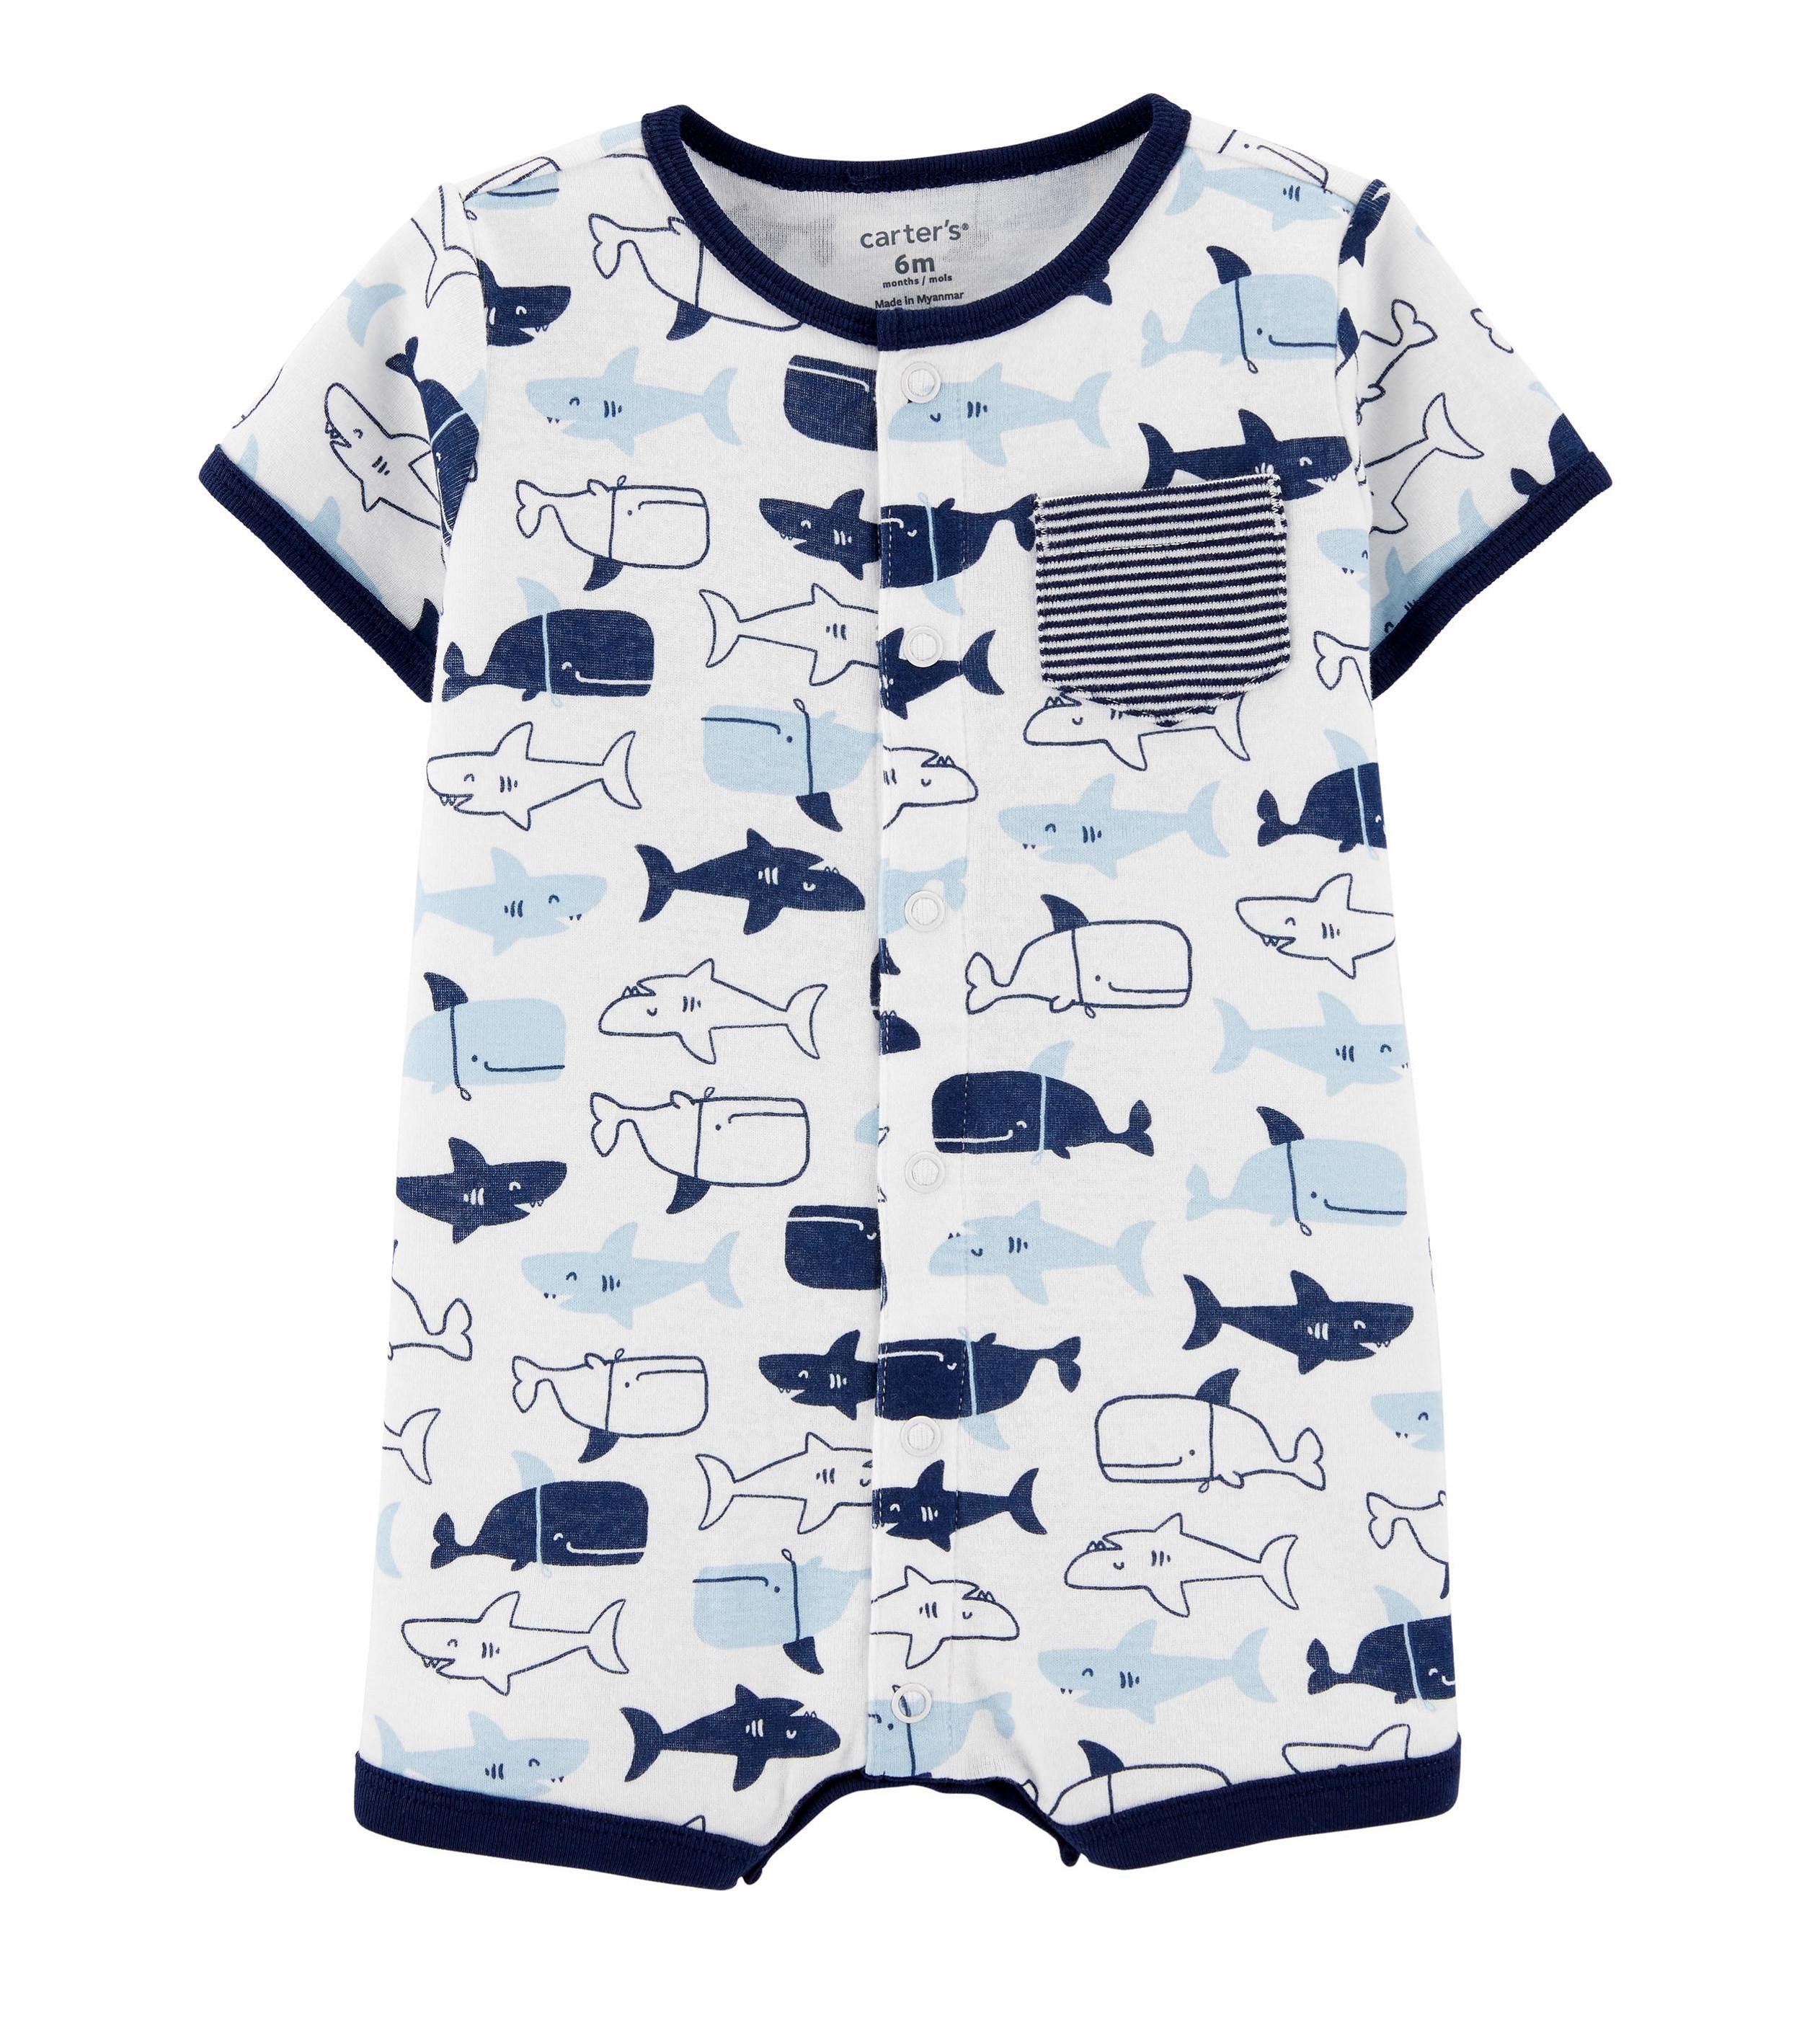 Купити Пісочник (Ромпер) Carters Sharks - фото 1